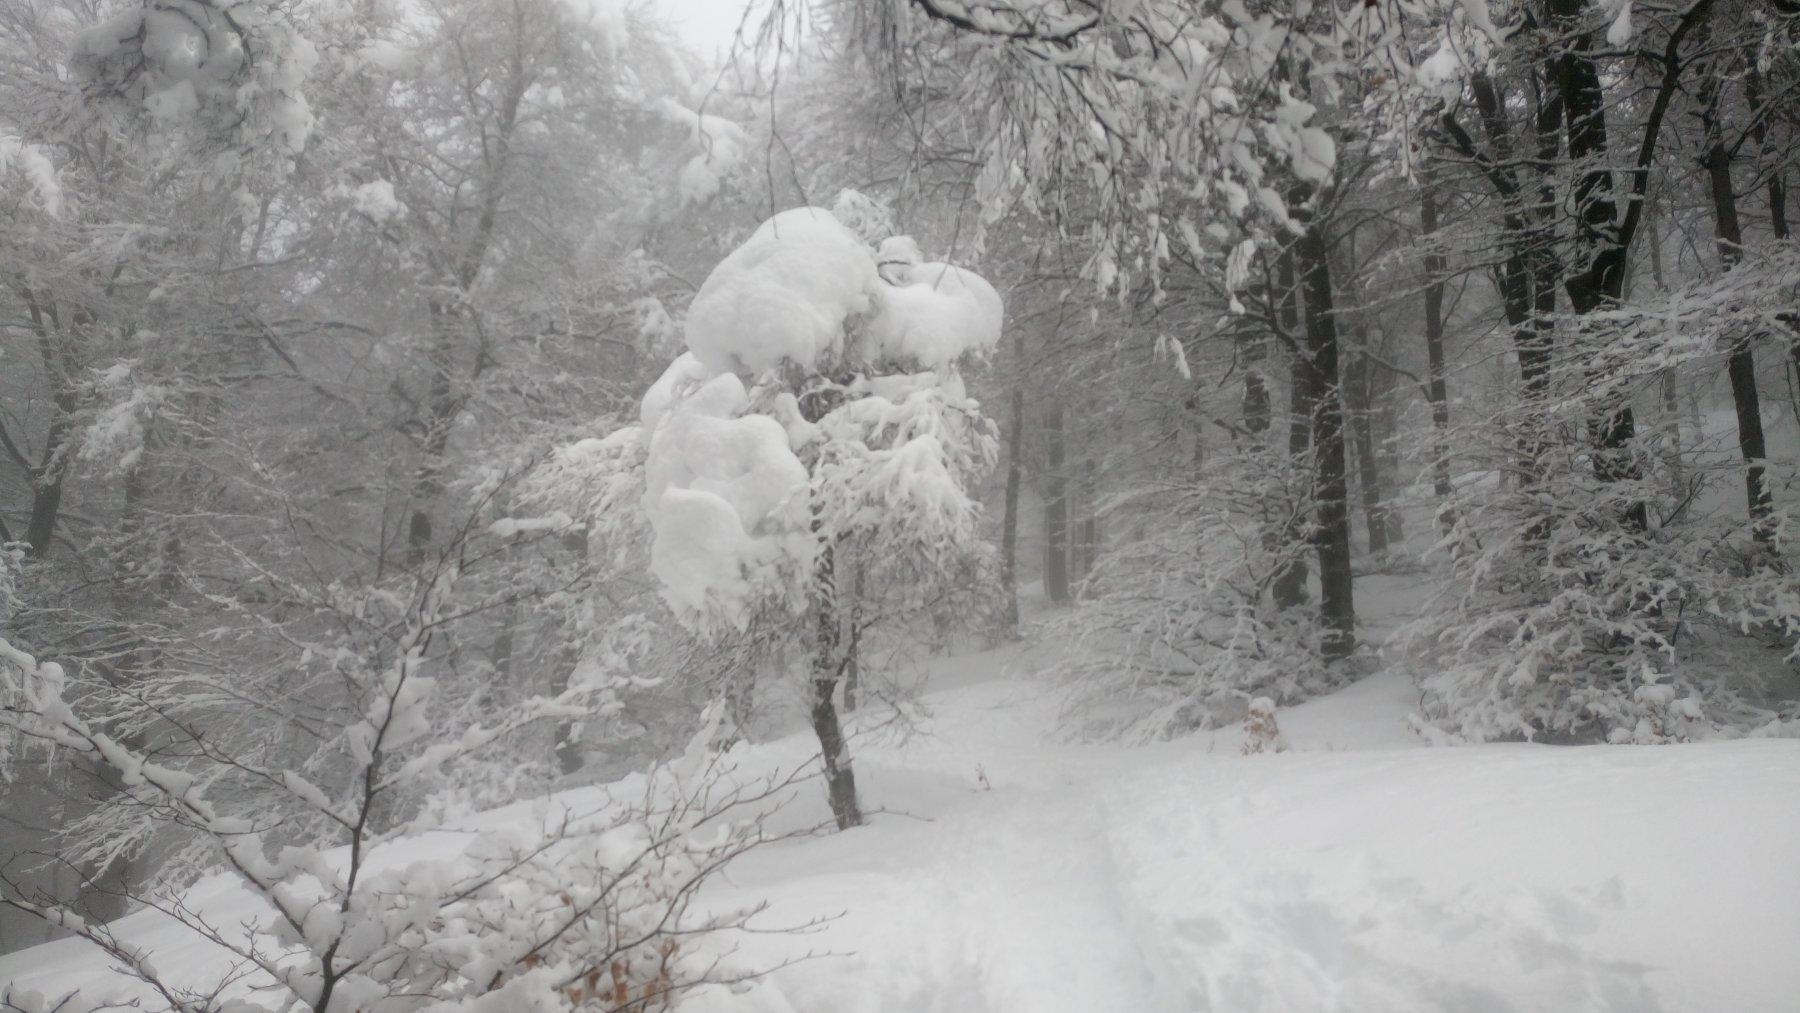 Neve appiccicata sull'albero